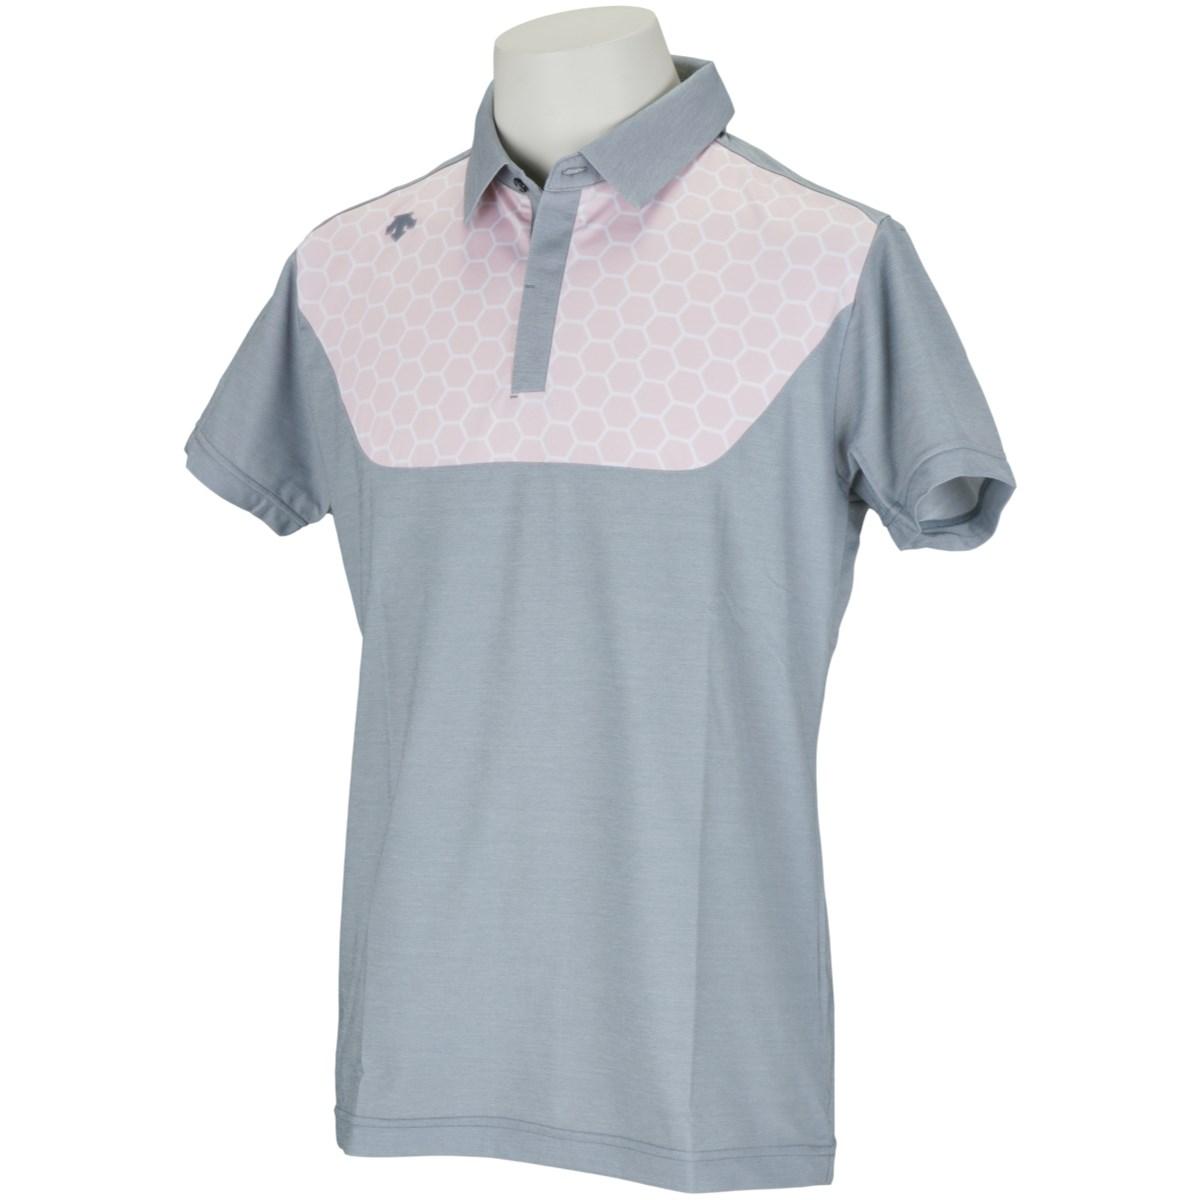 デサントゴルフ(DESCENTE GOLF) ECOアクセンシャルゼブラ鹿の子ISHIプリント 半袖ポロシャツ